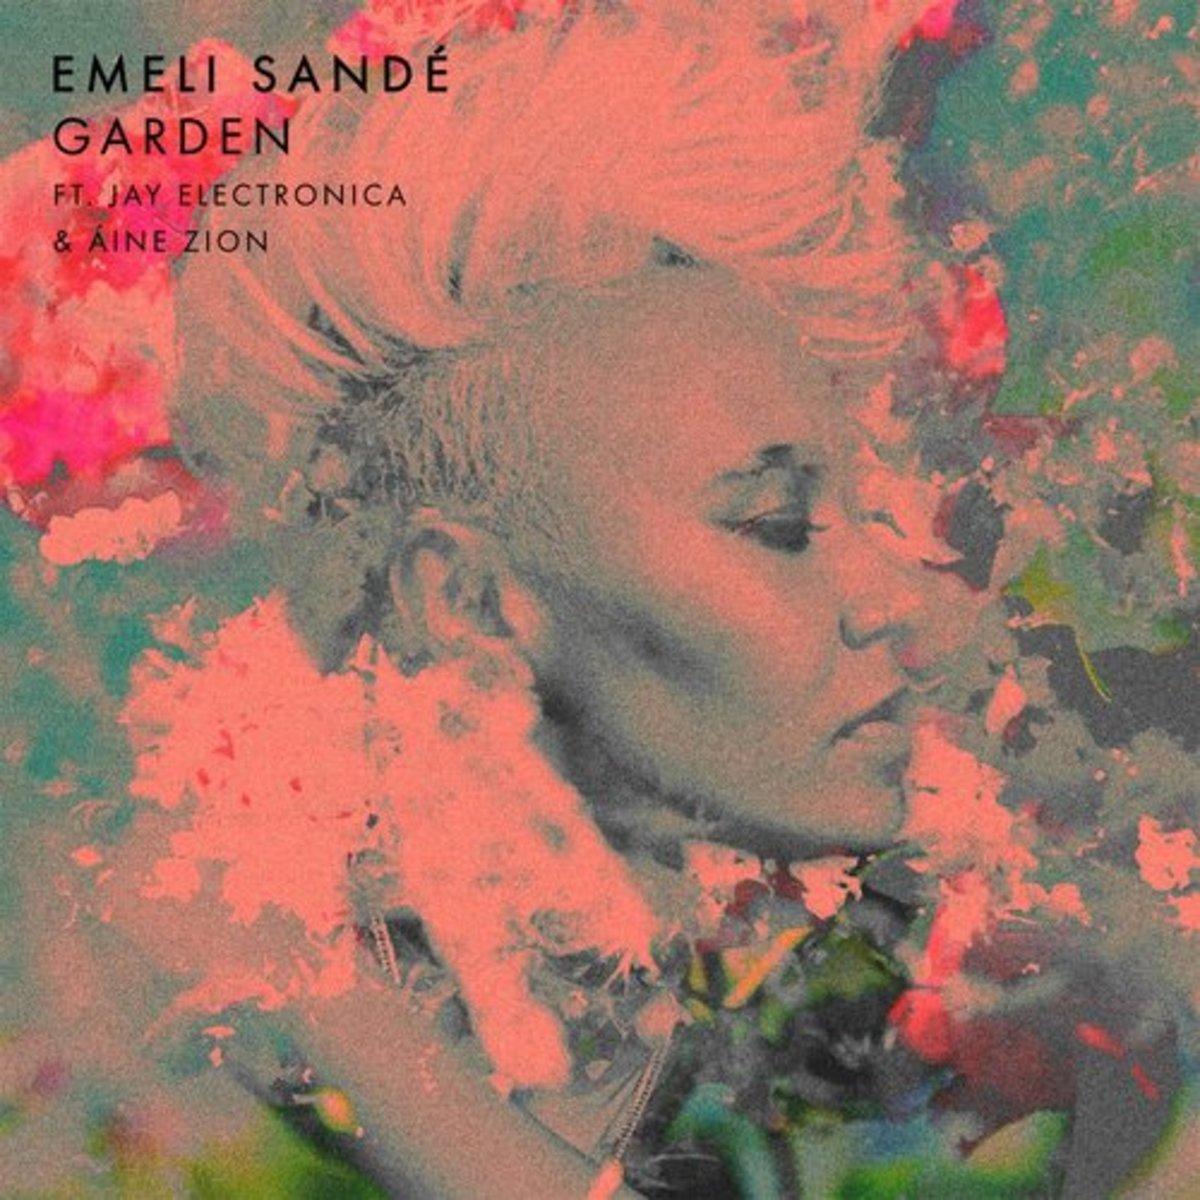 emeli-sande-garden.jpg